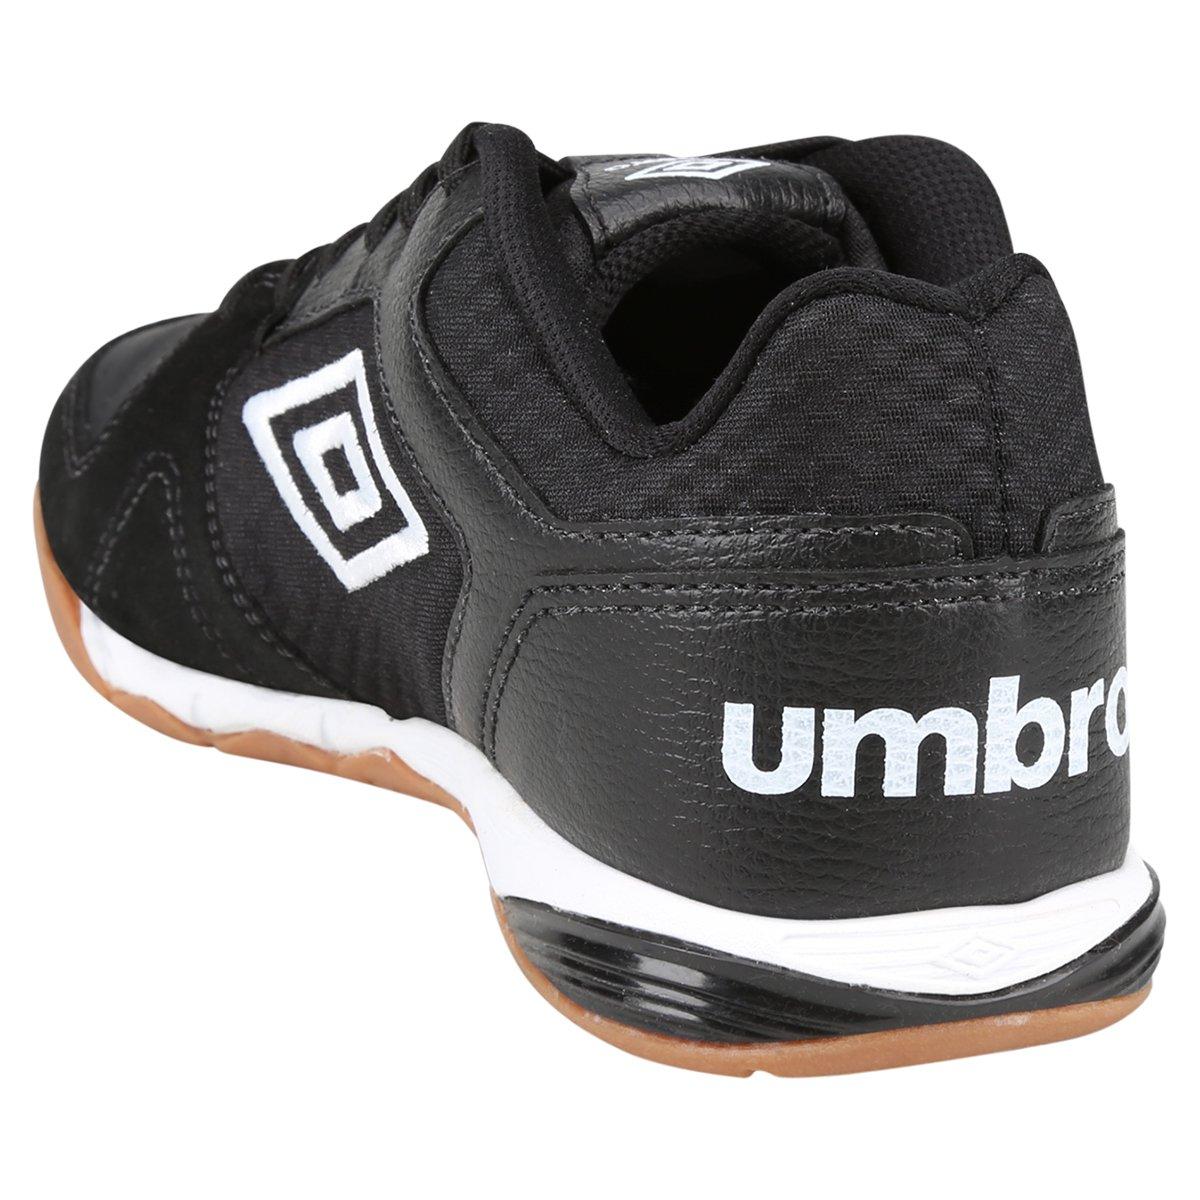 Chuteira Umbro Pro 3 Futsal - Preto e Branco - Compre Agora  26765af514901